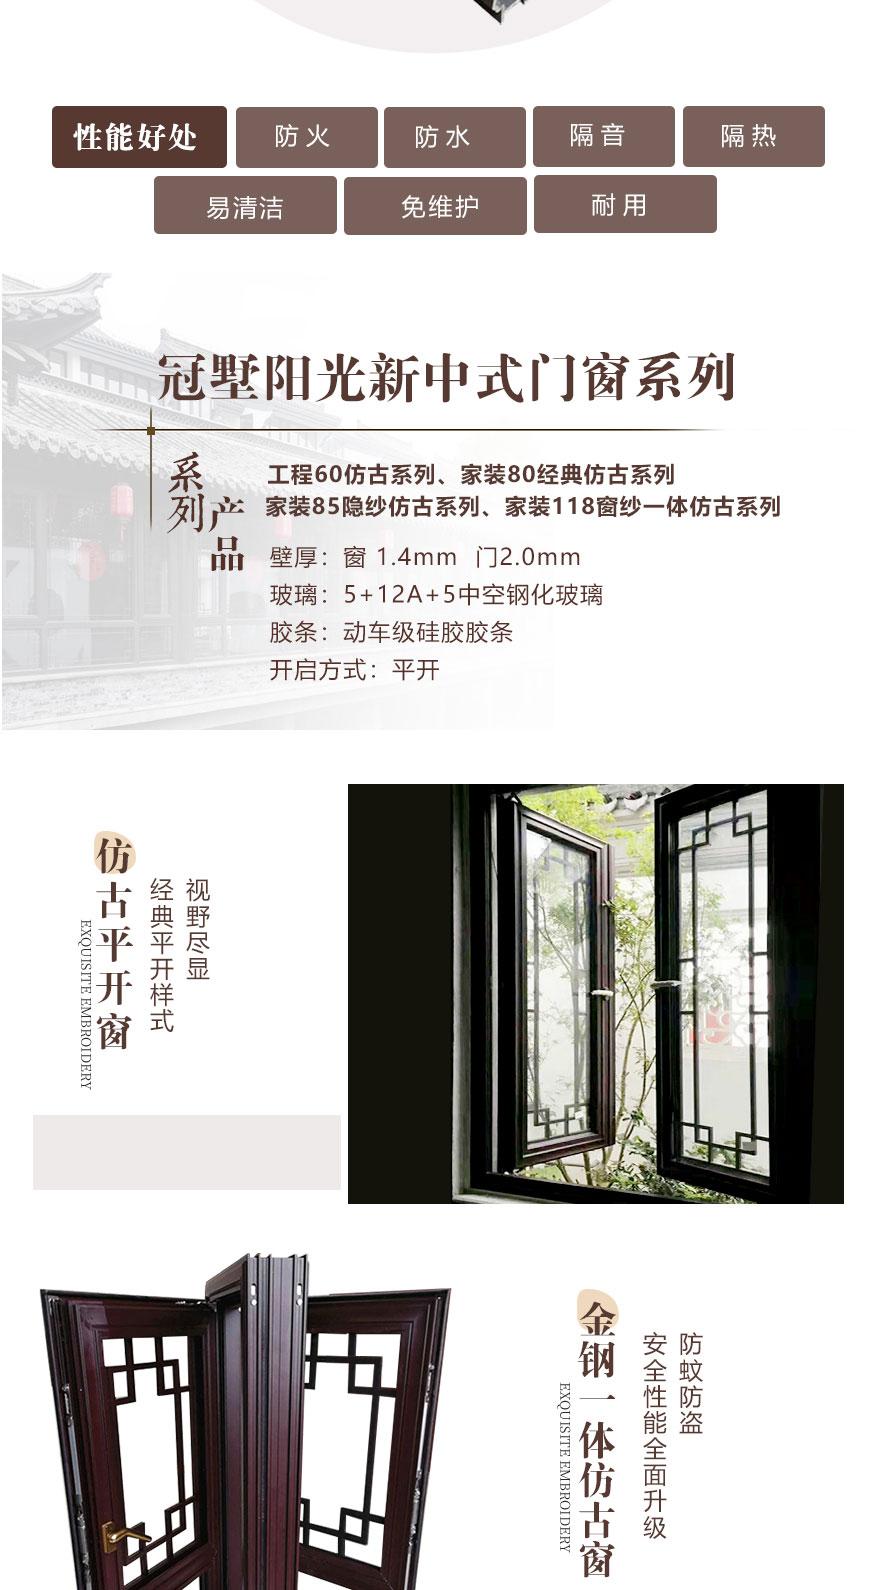 寺庙祠堂仿古门窗.jpg